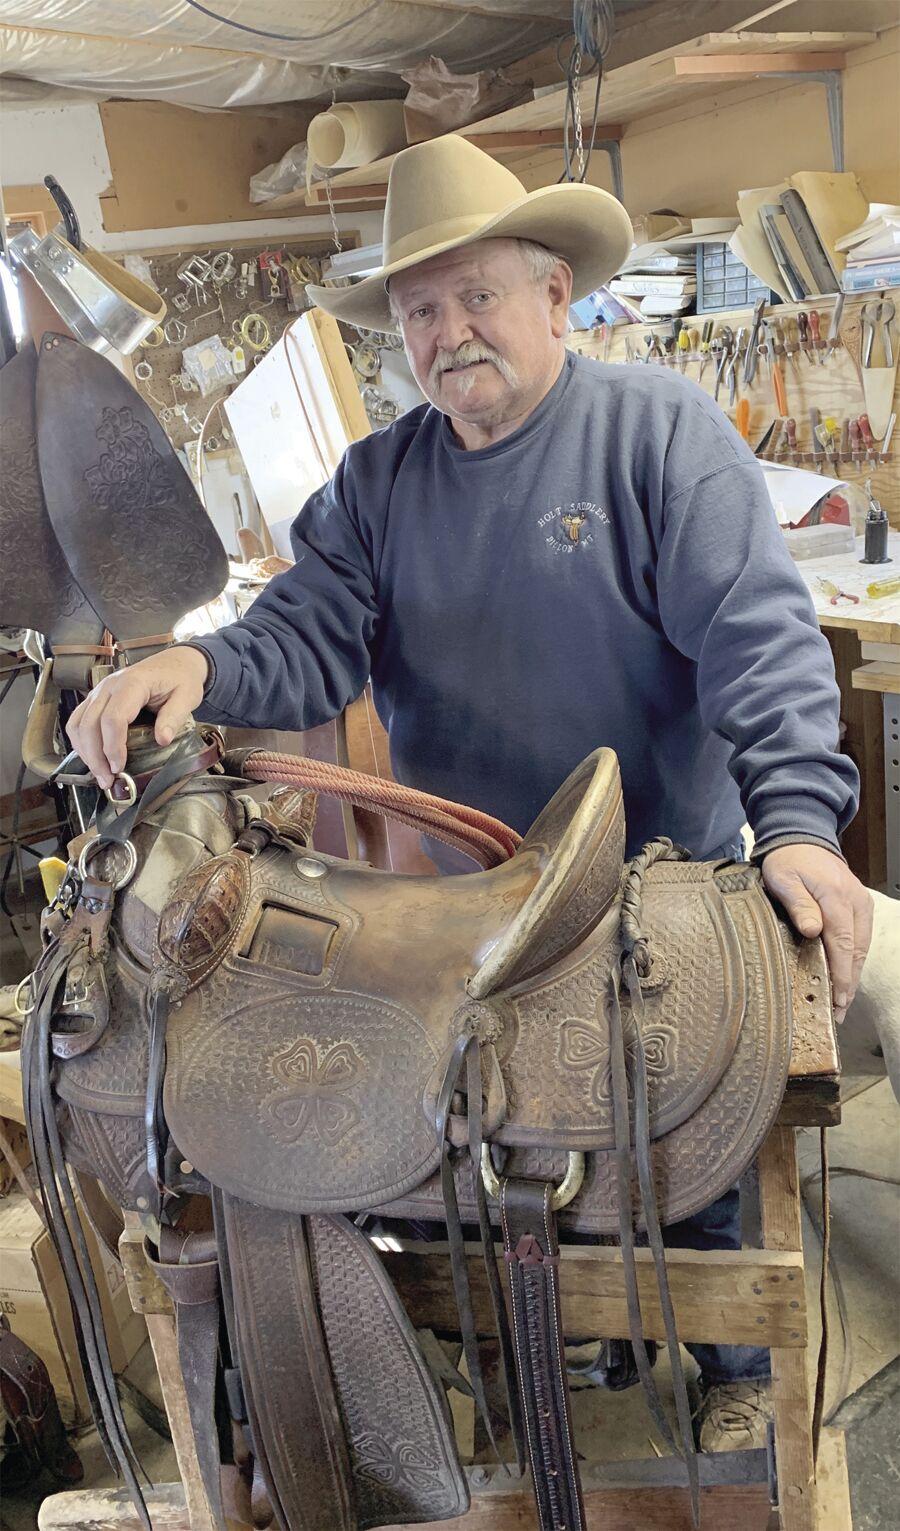 Veterans saddle maker 2.jpg